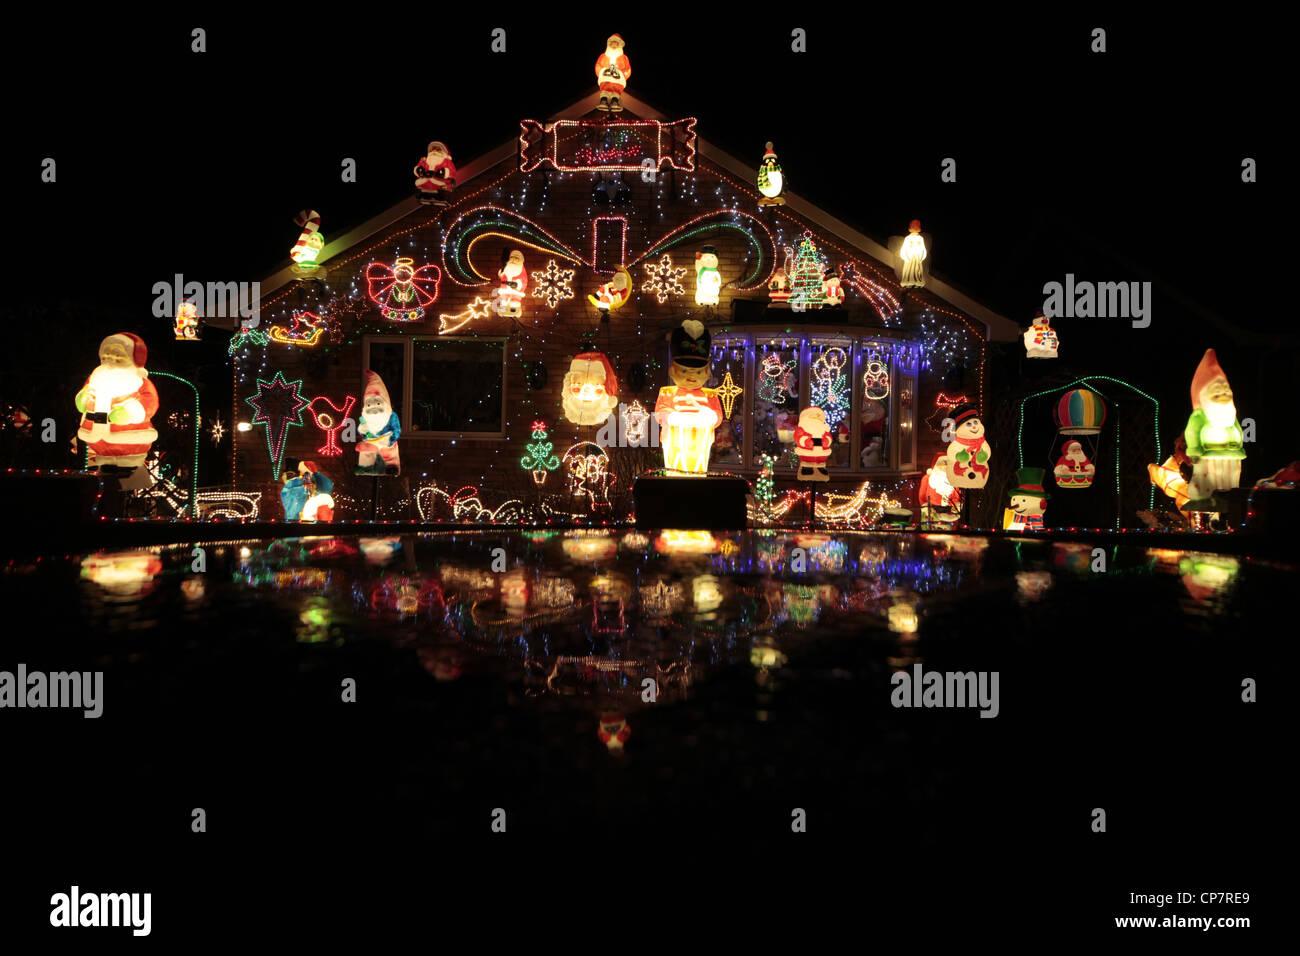 Les LUMIÈRES DE NOËL SUR BUNGALOW RILLINGTON YORKSHIRE DU NORD 30 Décembre 2011 Photo Stock